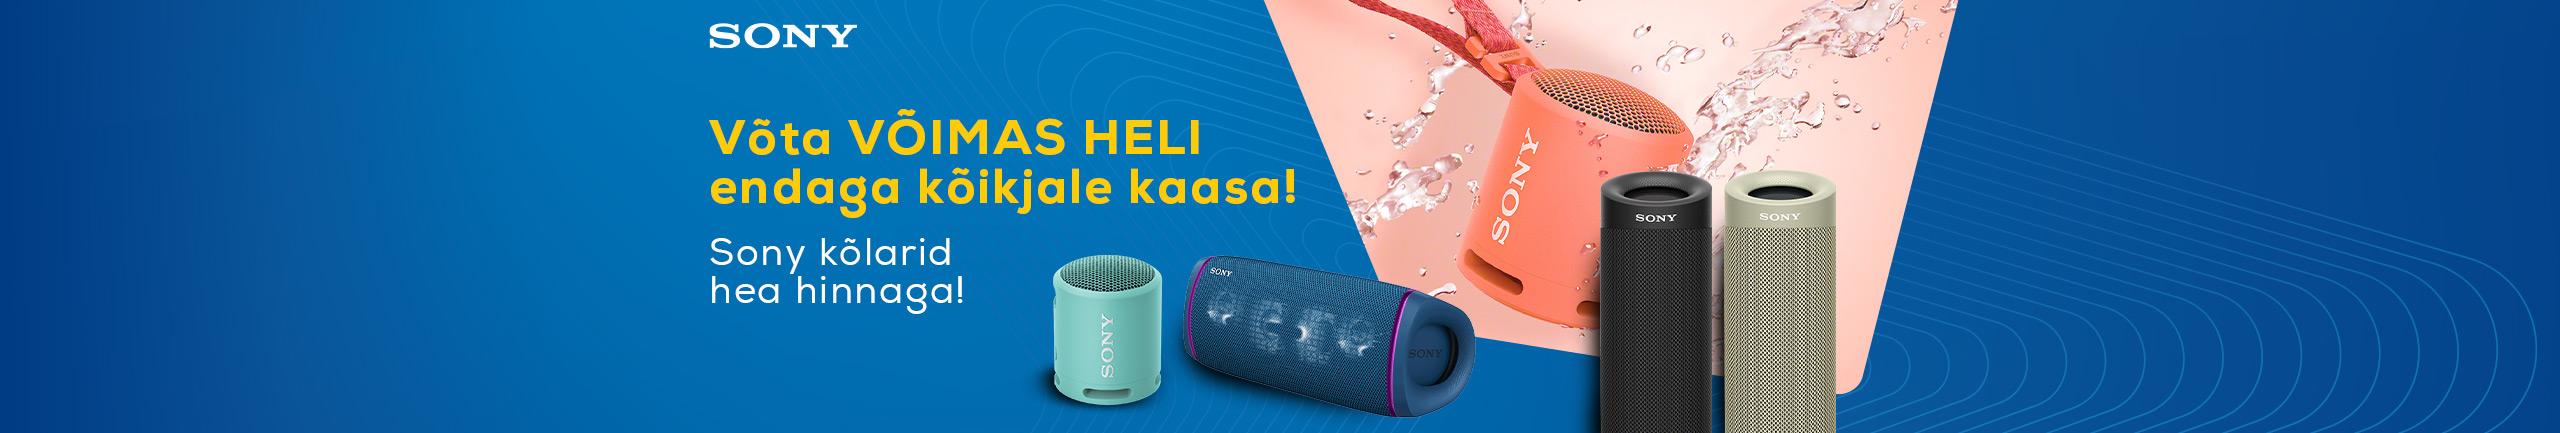 Sony speakers discount!